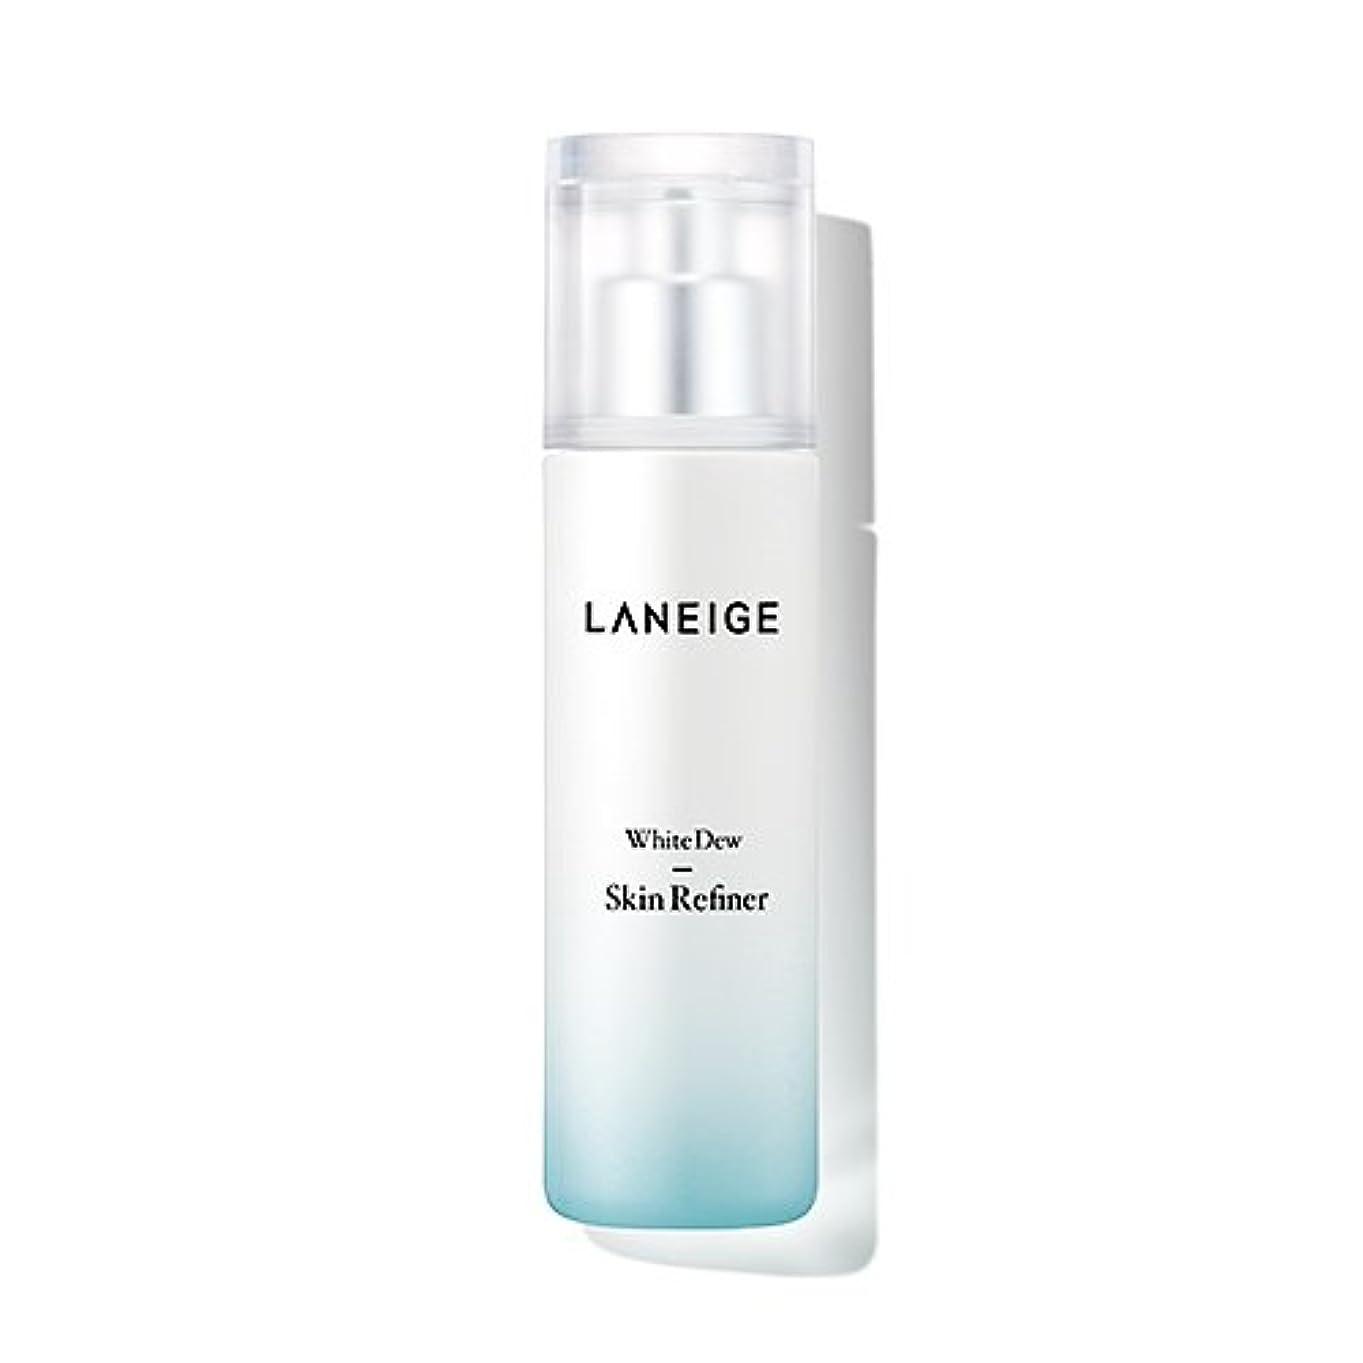 自動的に領収書韓国[ラネージュ] LANEIGEホワイトデュースキンリファイナー White Dew Skin Refiner(海外直送品) [並行輸入品]